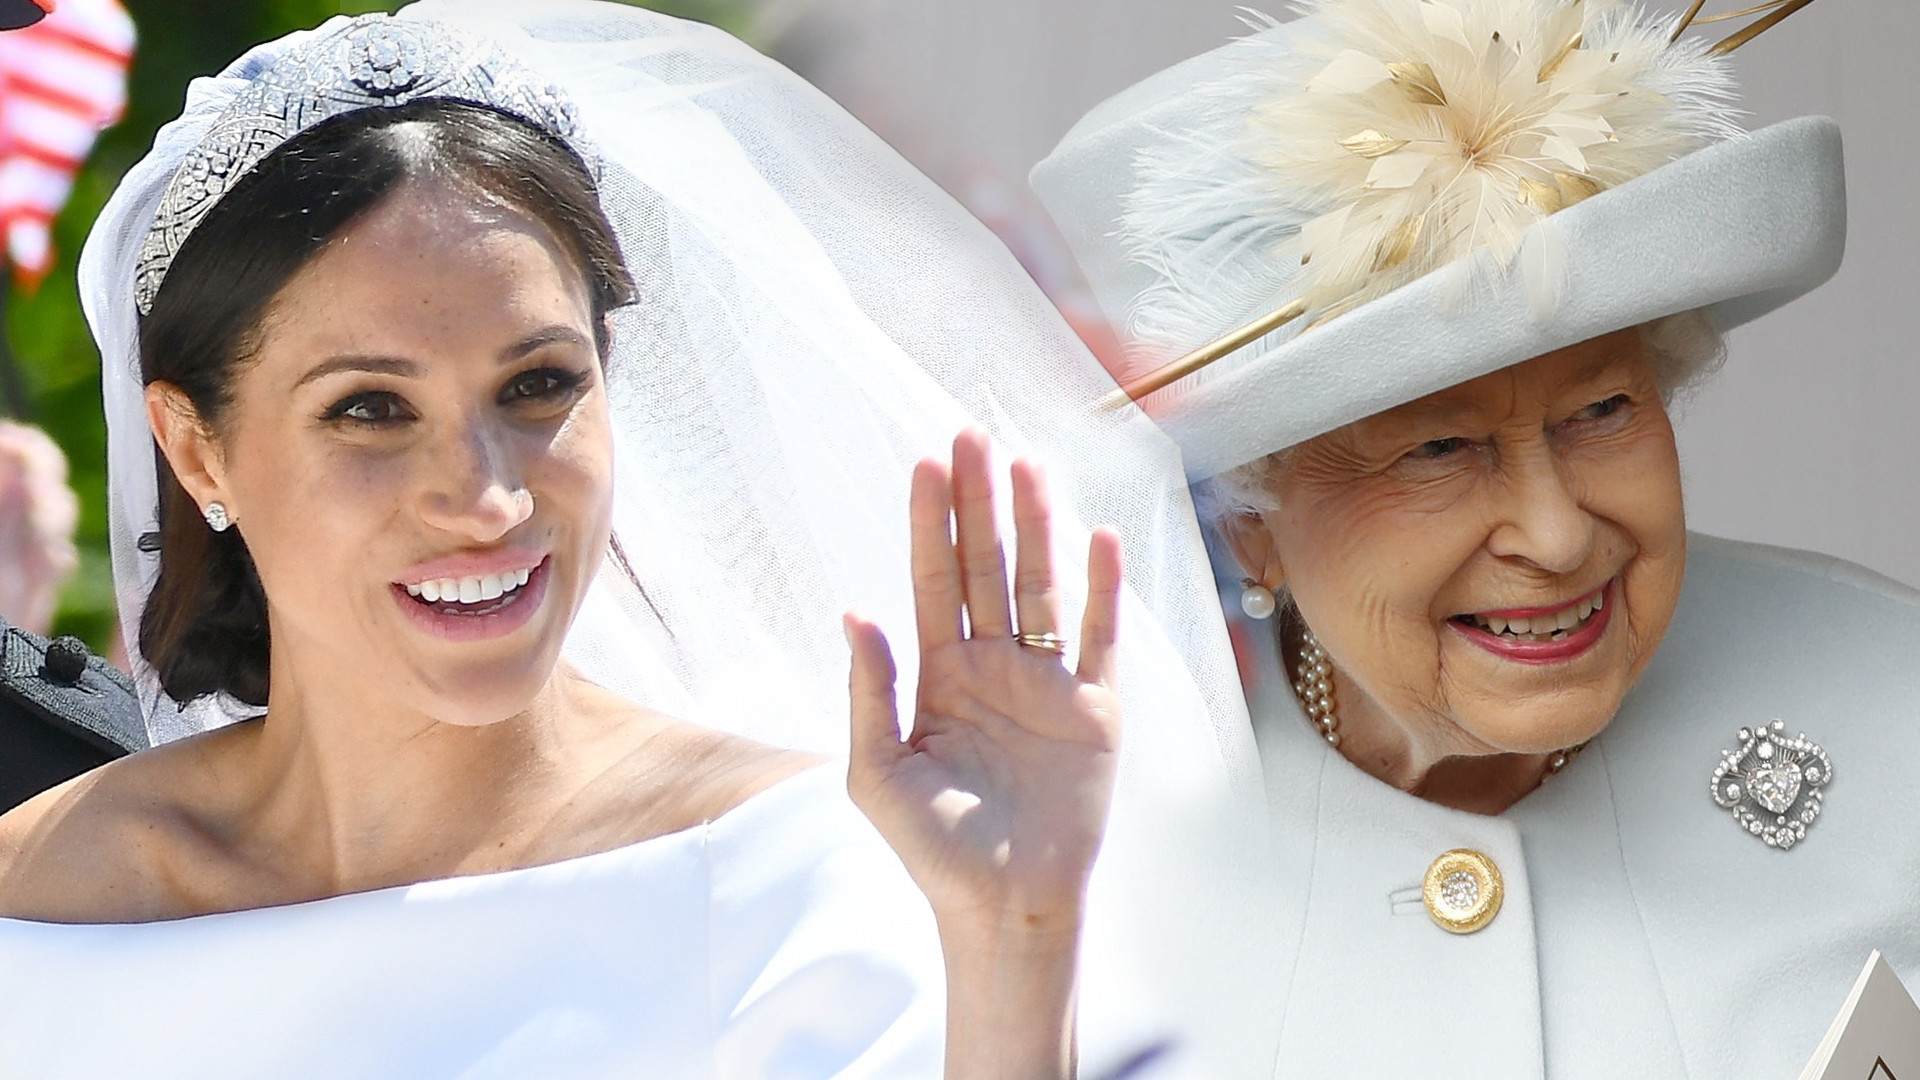 Dopiero po TRZECH latach wyszło na jaw, jak królowa zareagowała na suknię ślubną Meghan Markle